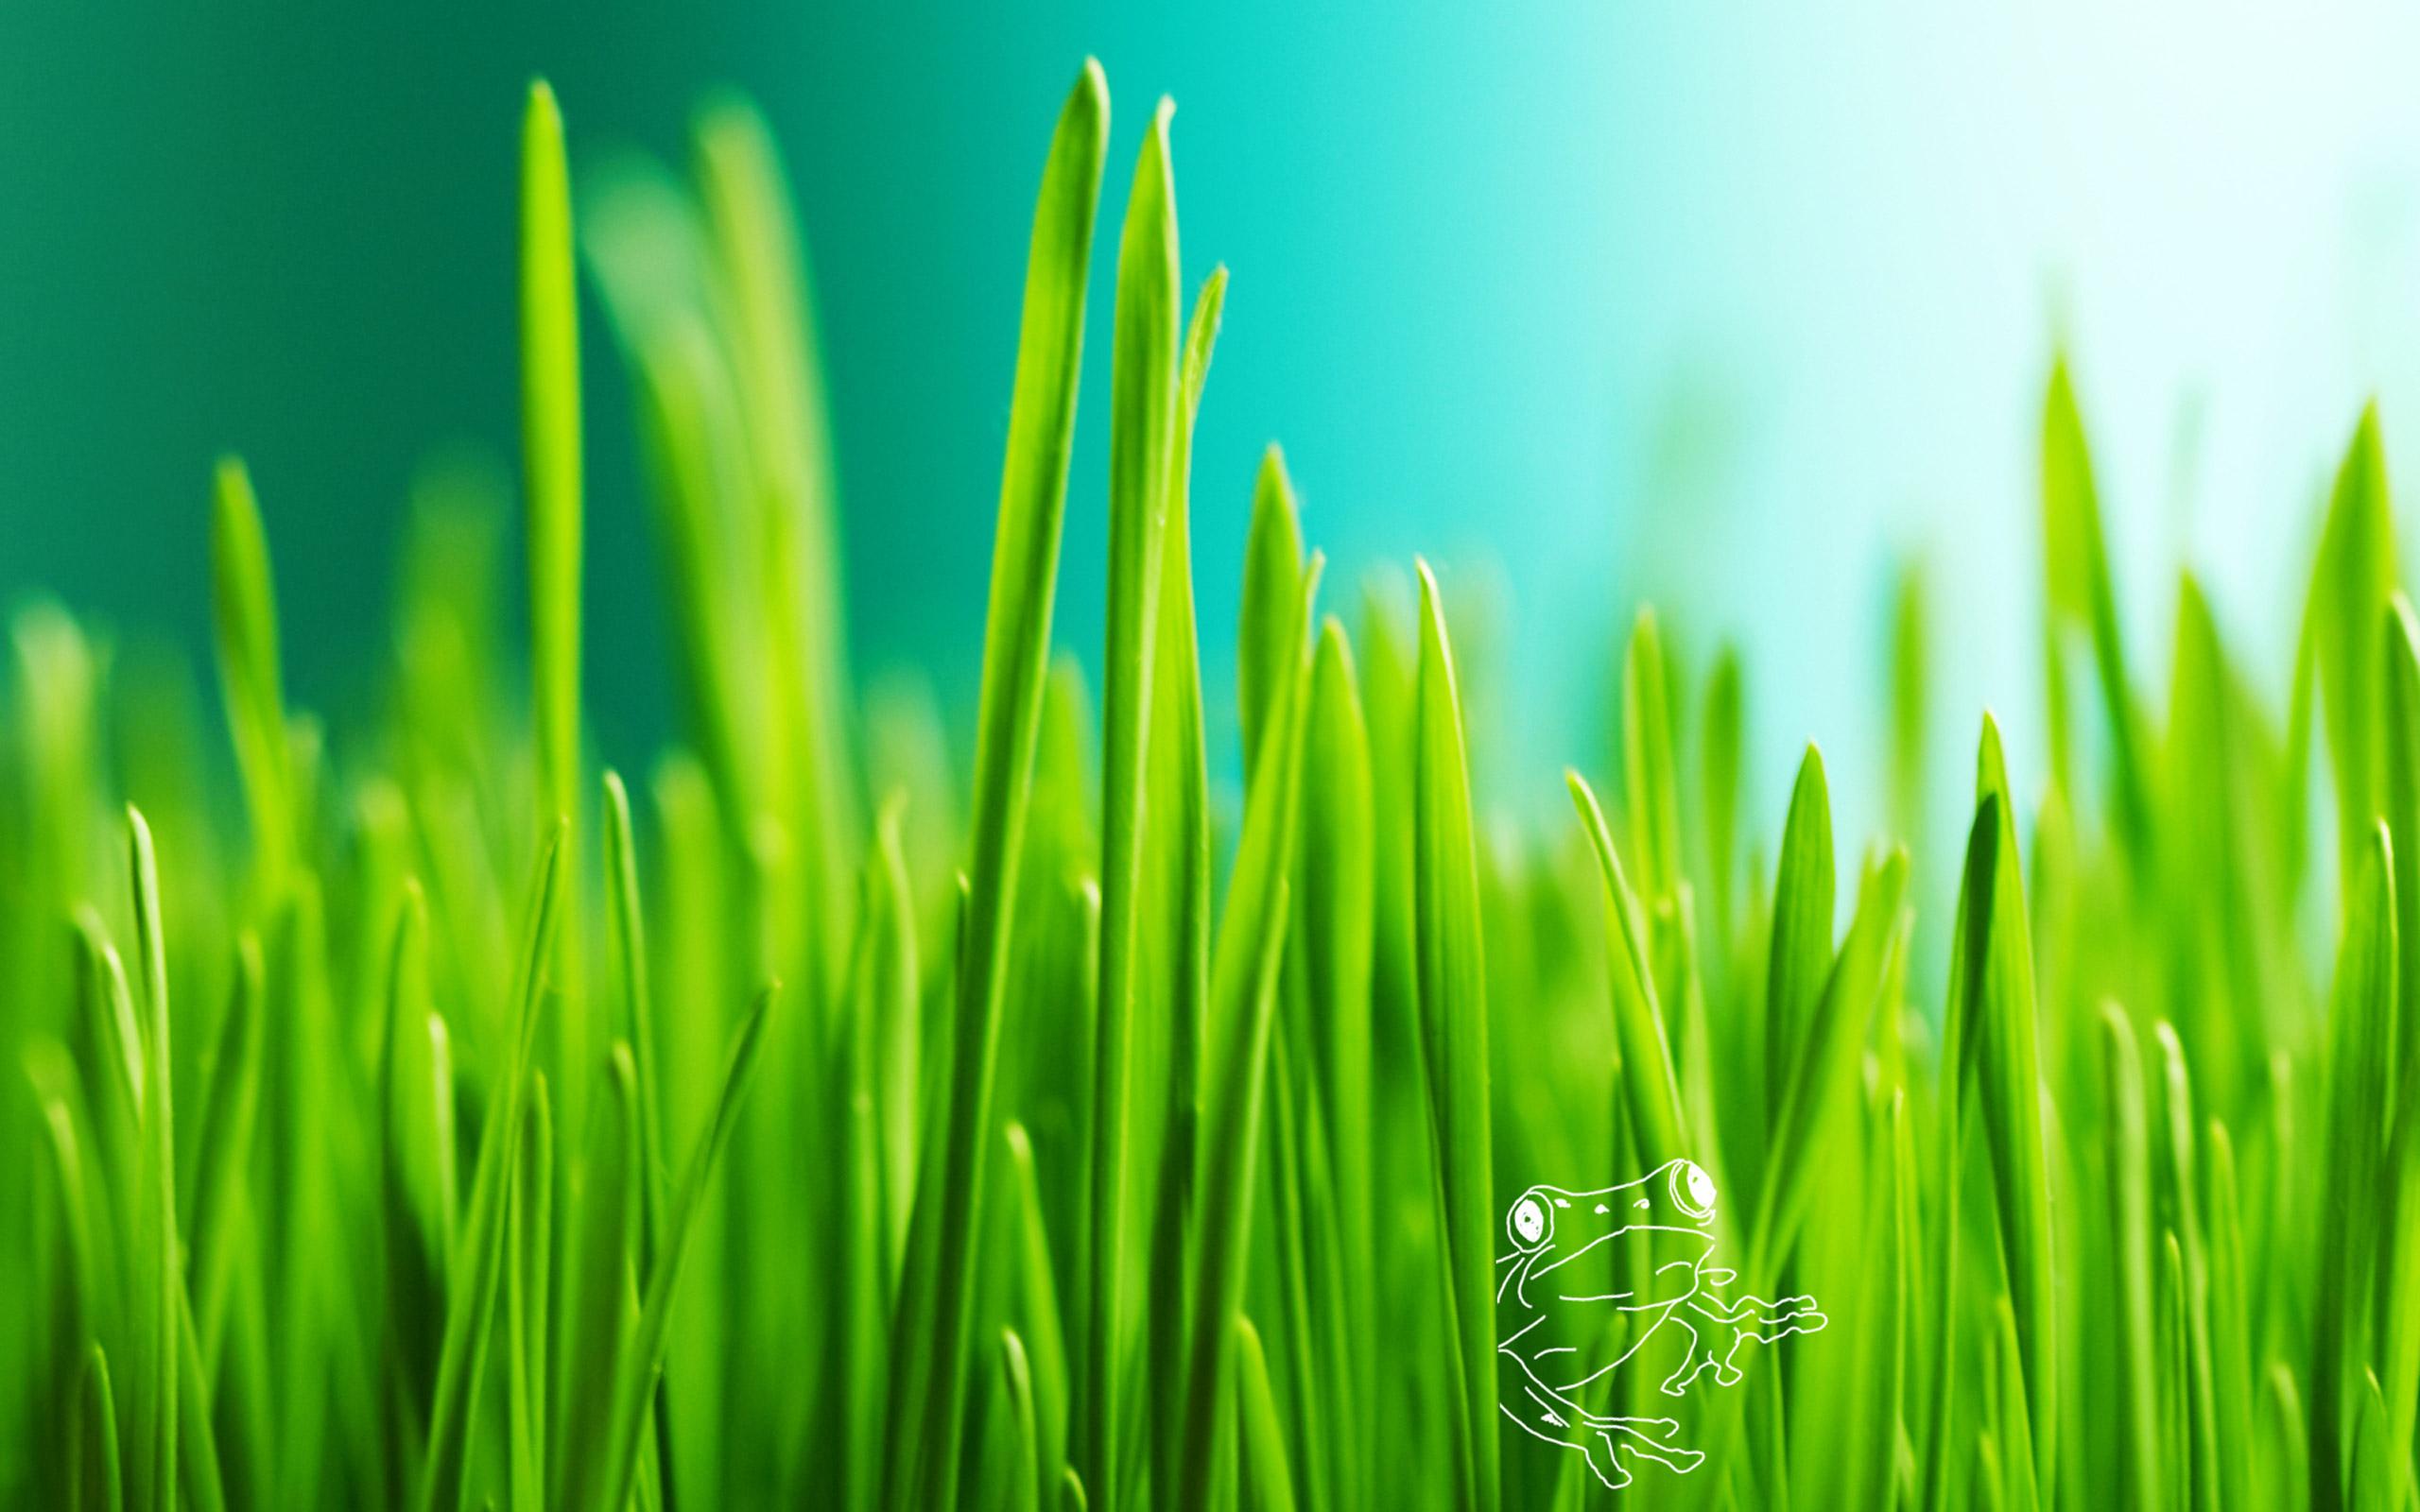 Desktop Grass HD Wallpapers 2560x1600